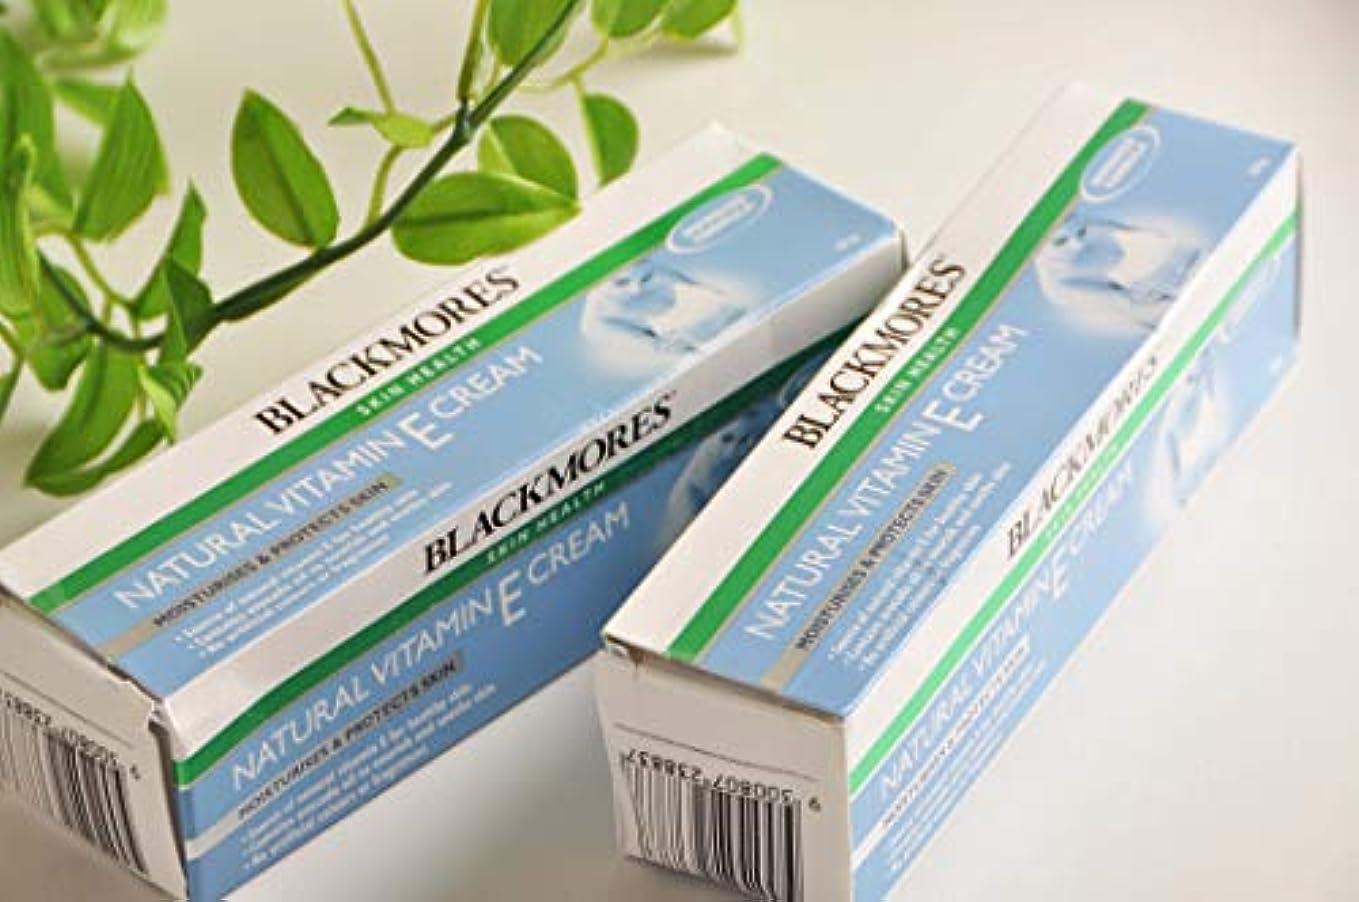 空気眼情緒的BLACKMORES(ブラックモアズ) ナチュラル ビタミンE クリーム 【海外直送品】 [並行輸入品]